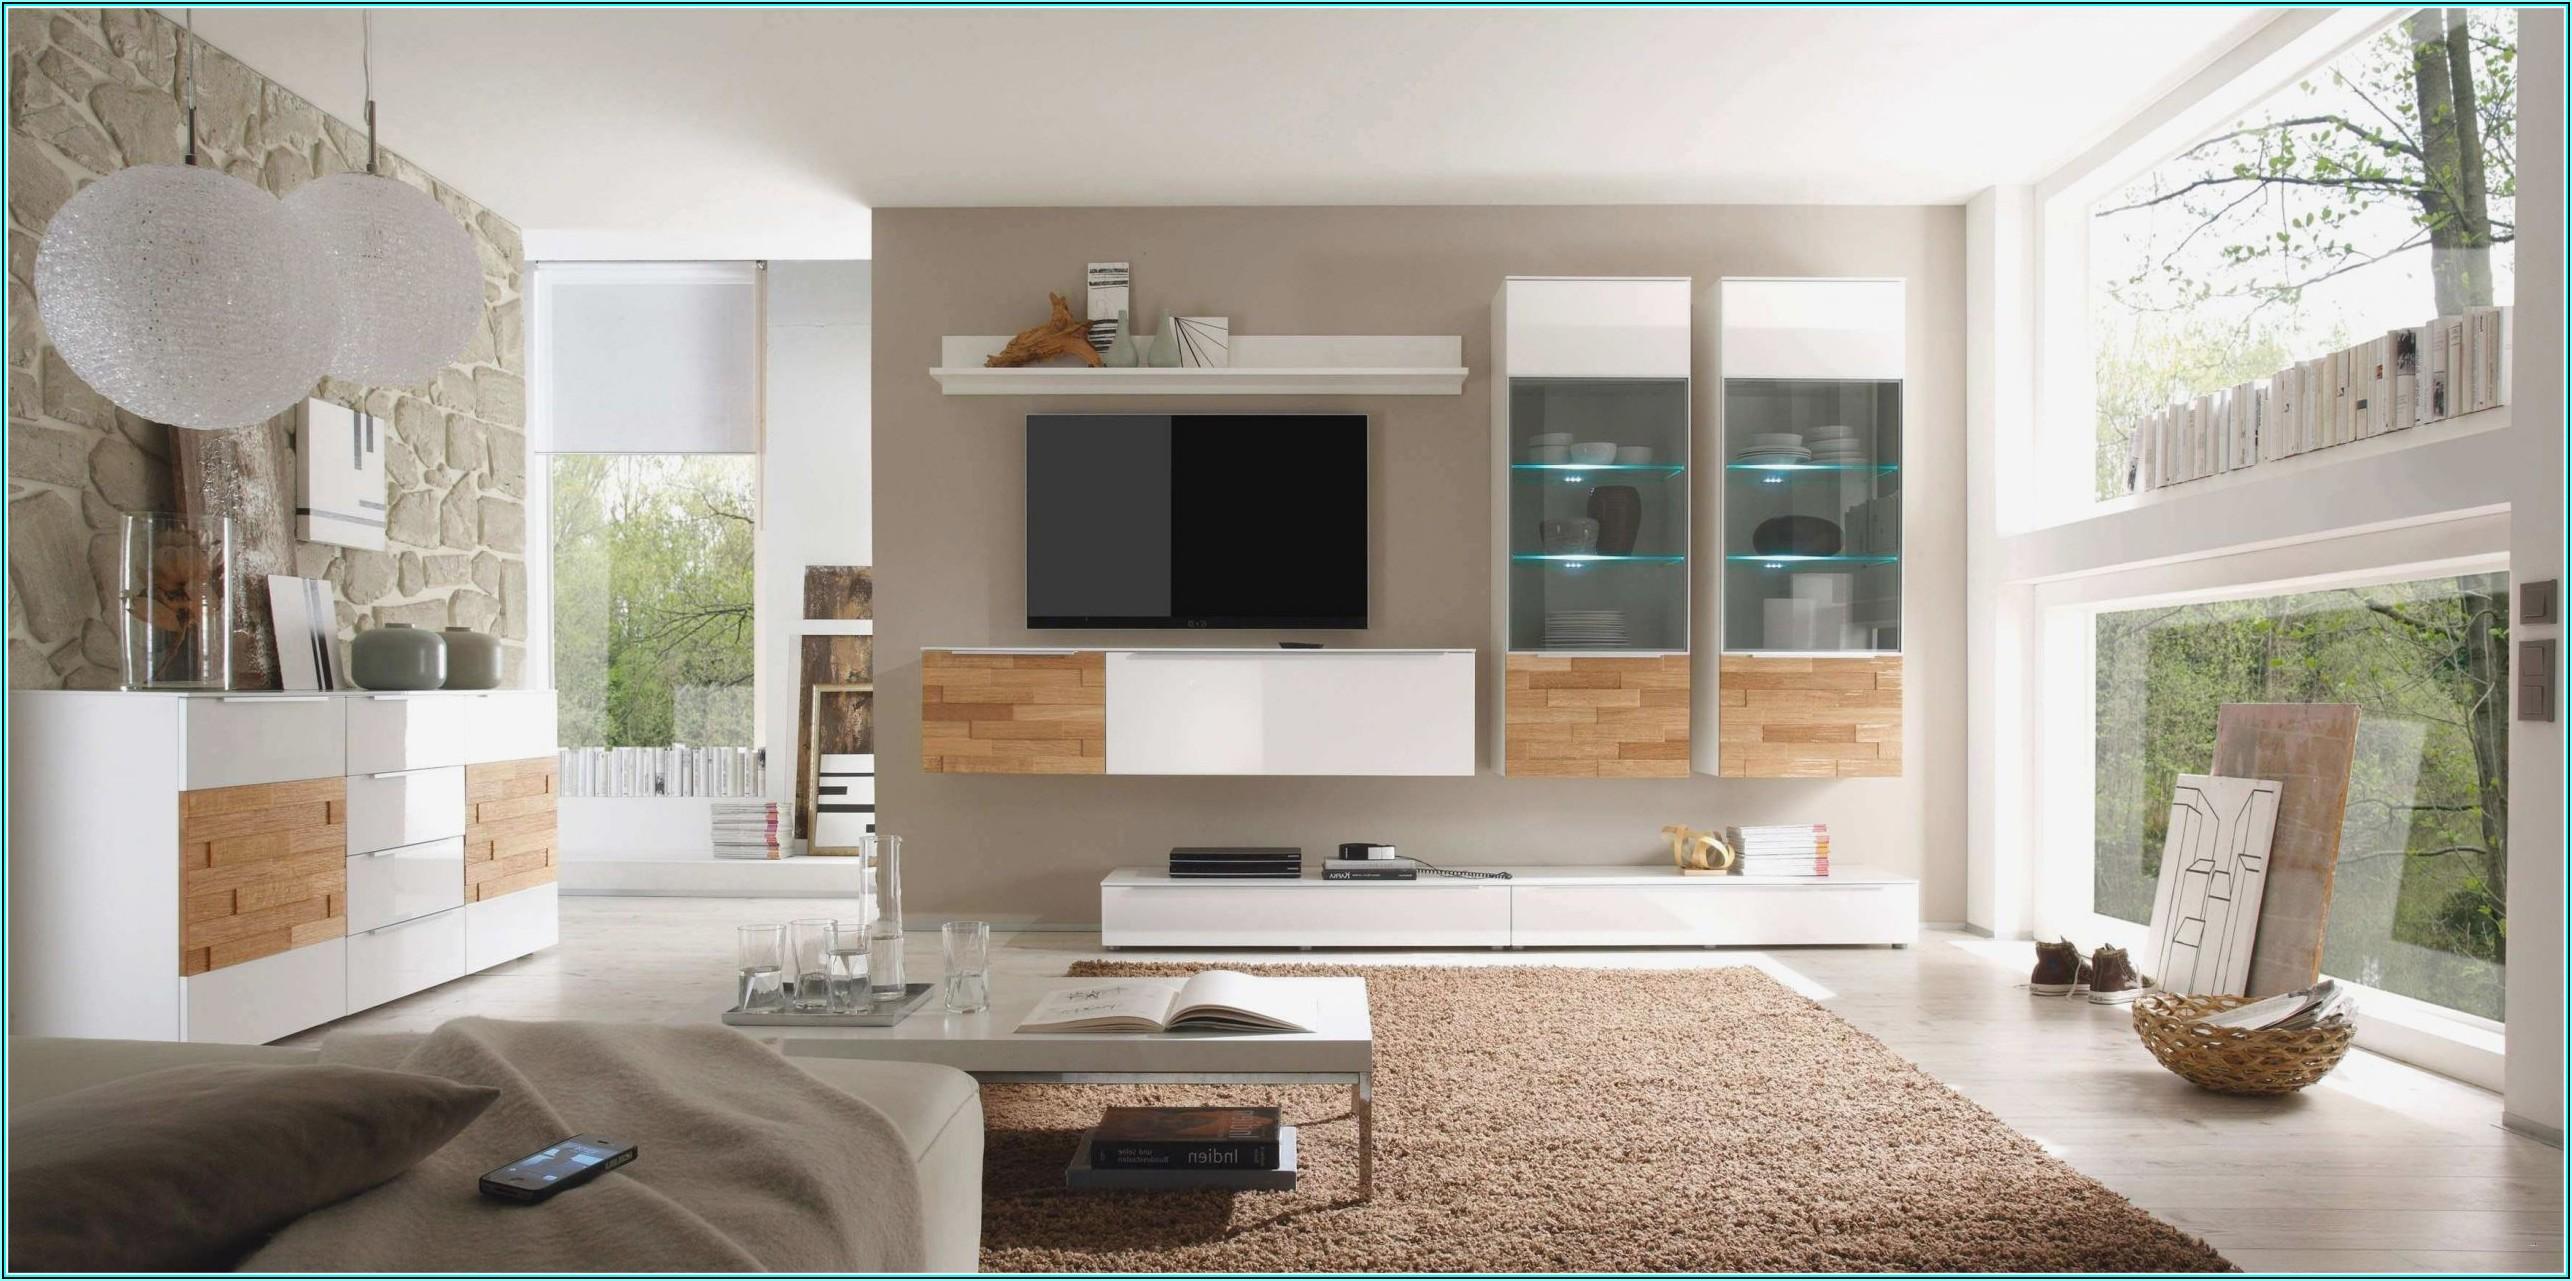 Moderne Wohnzimmereinrichtung Bilder